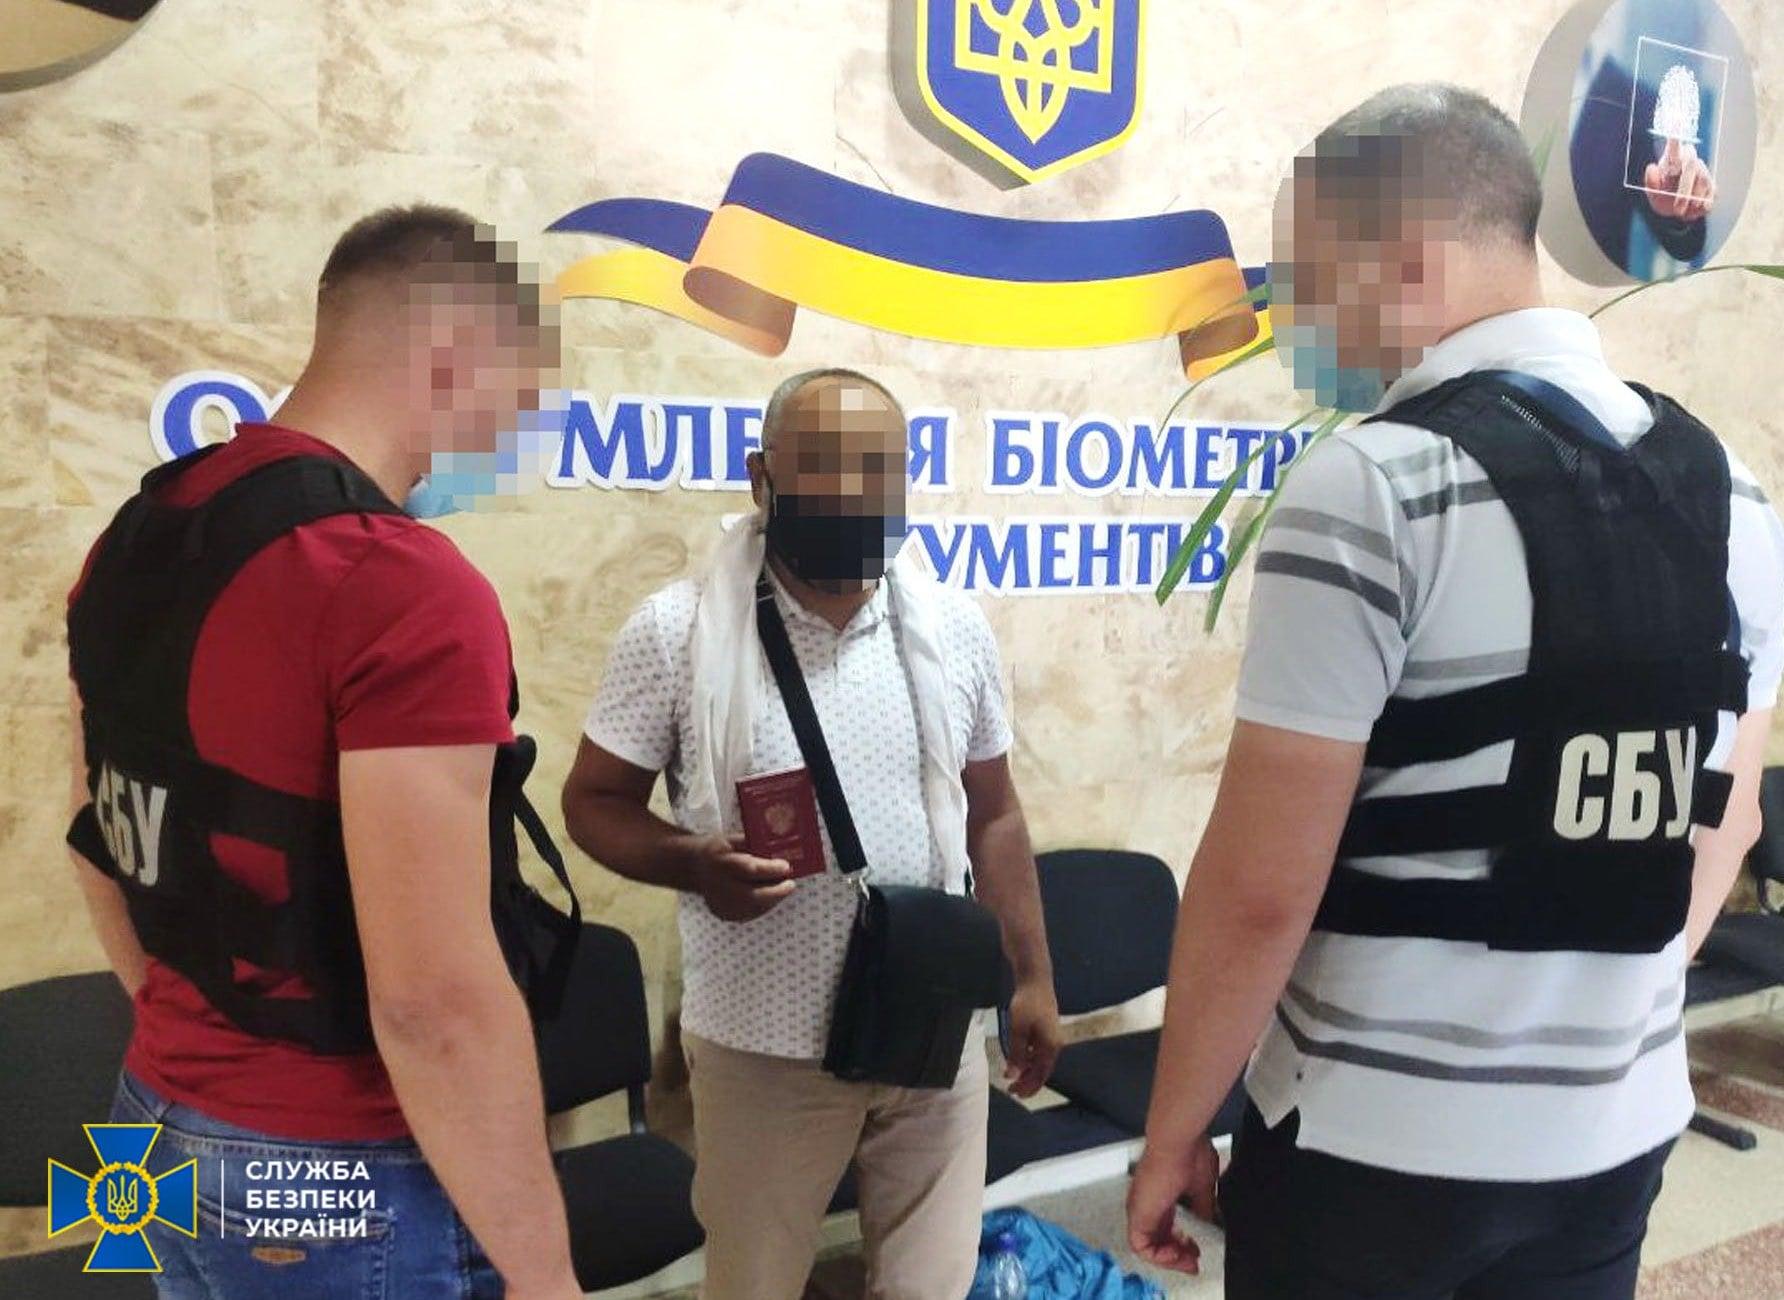 У Черкасах затримали іноземця, який скоїв терористичні злочини